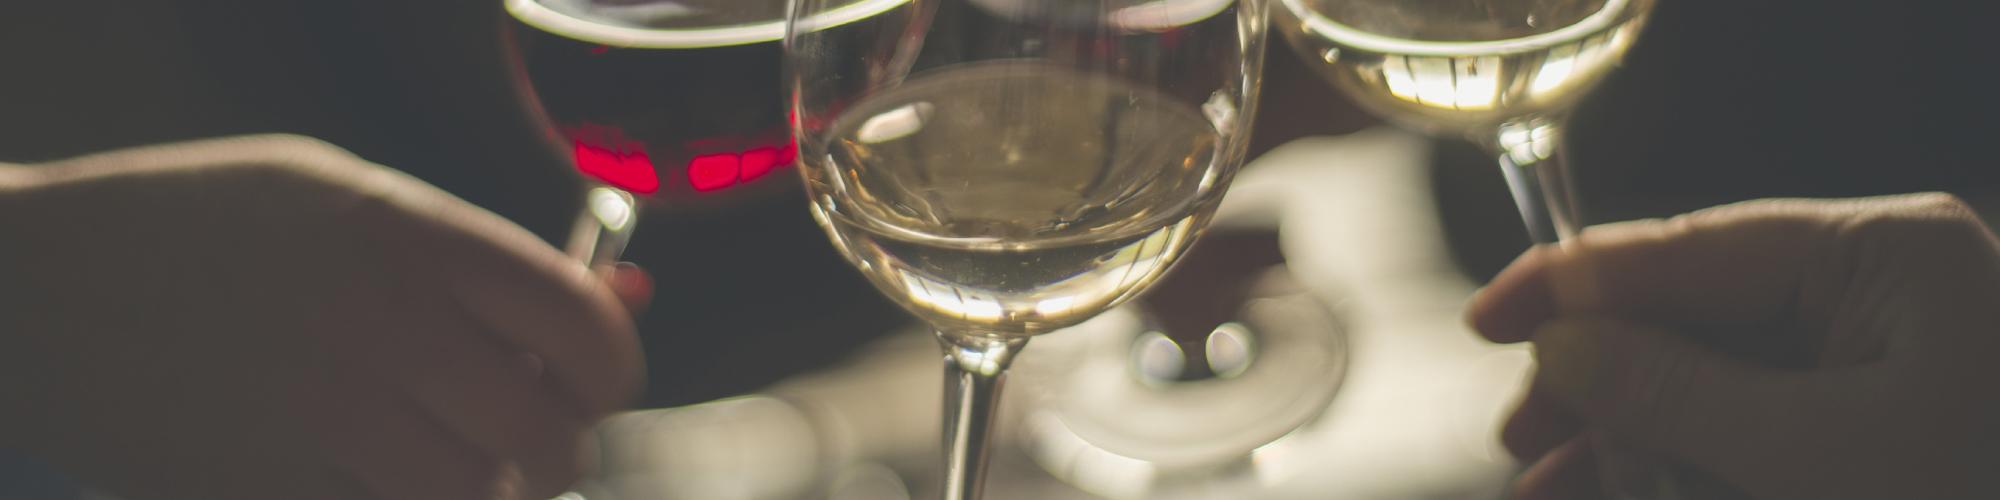 Apéro, verres de vin